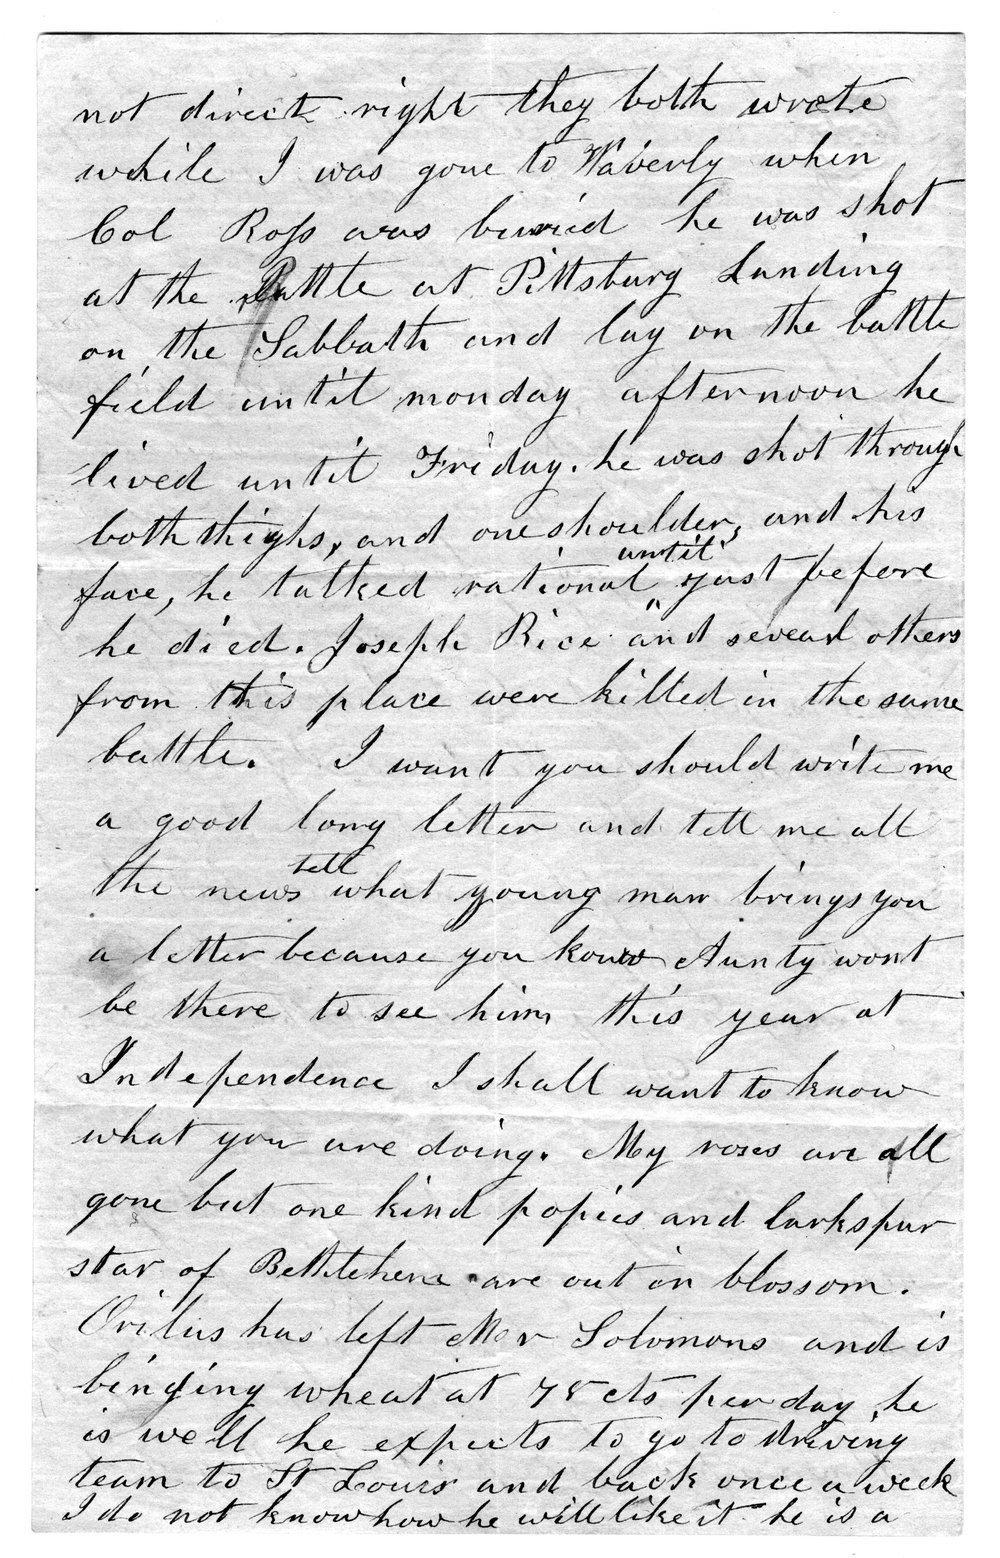 Hiram Hill family correspondence and diary - 9